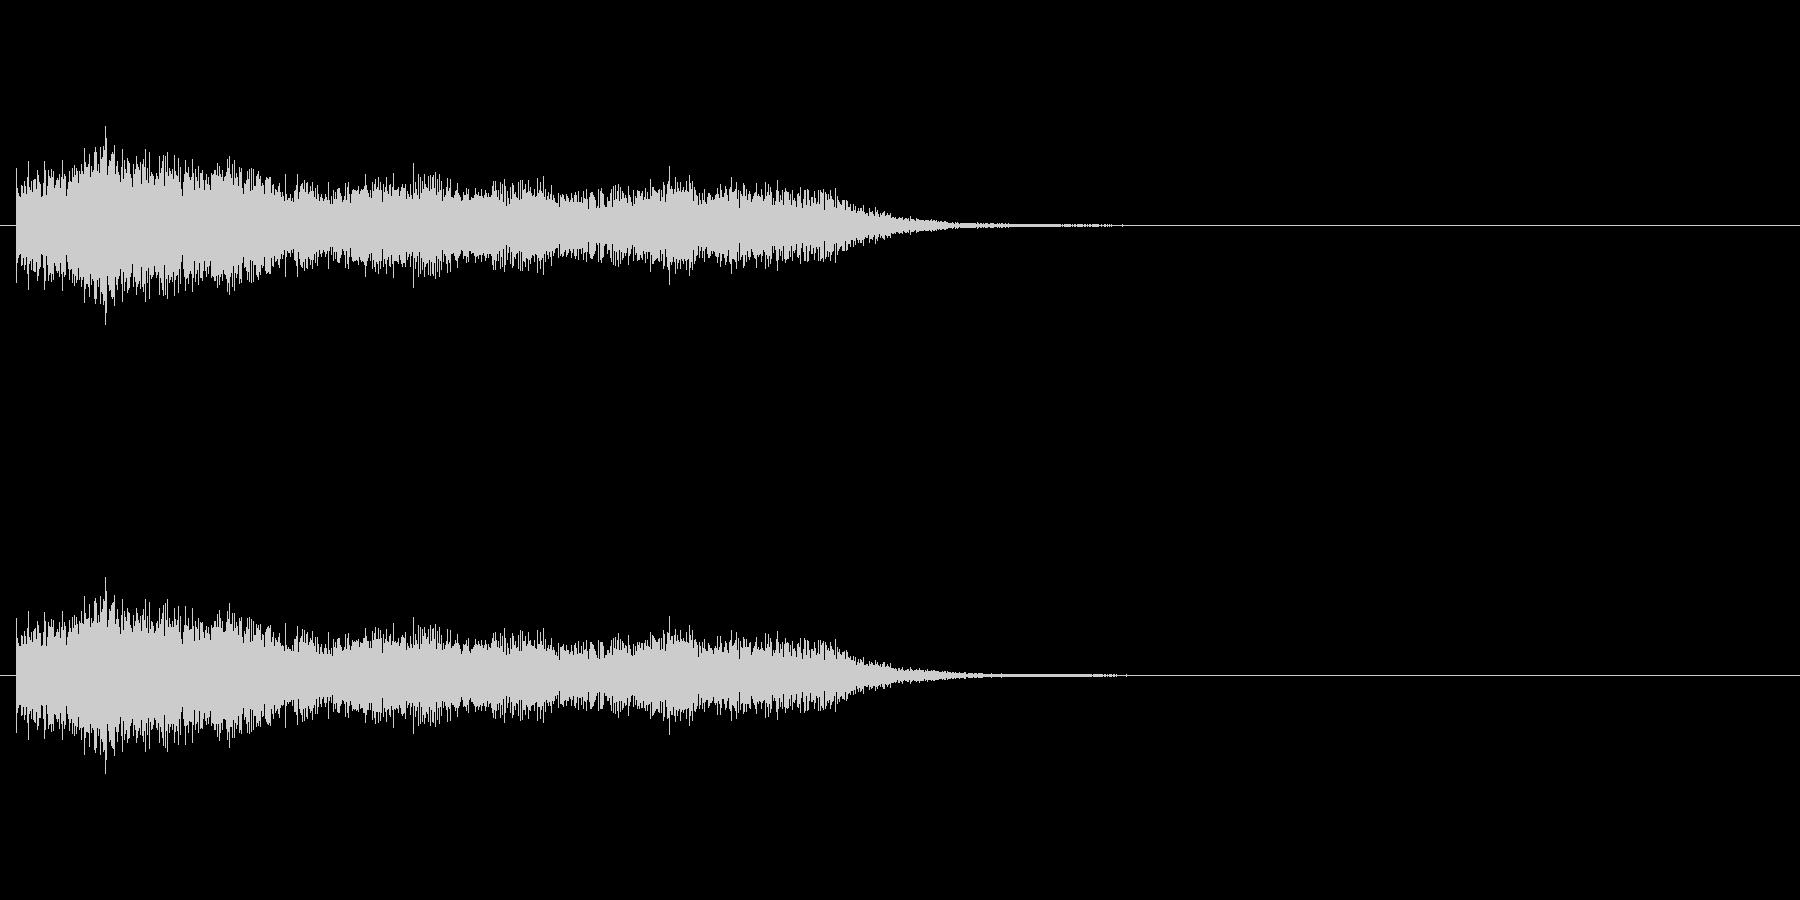 ショック/衝撃/オーケストラヒット/2の未再生の波形